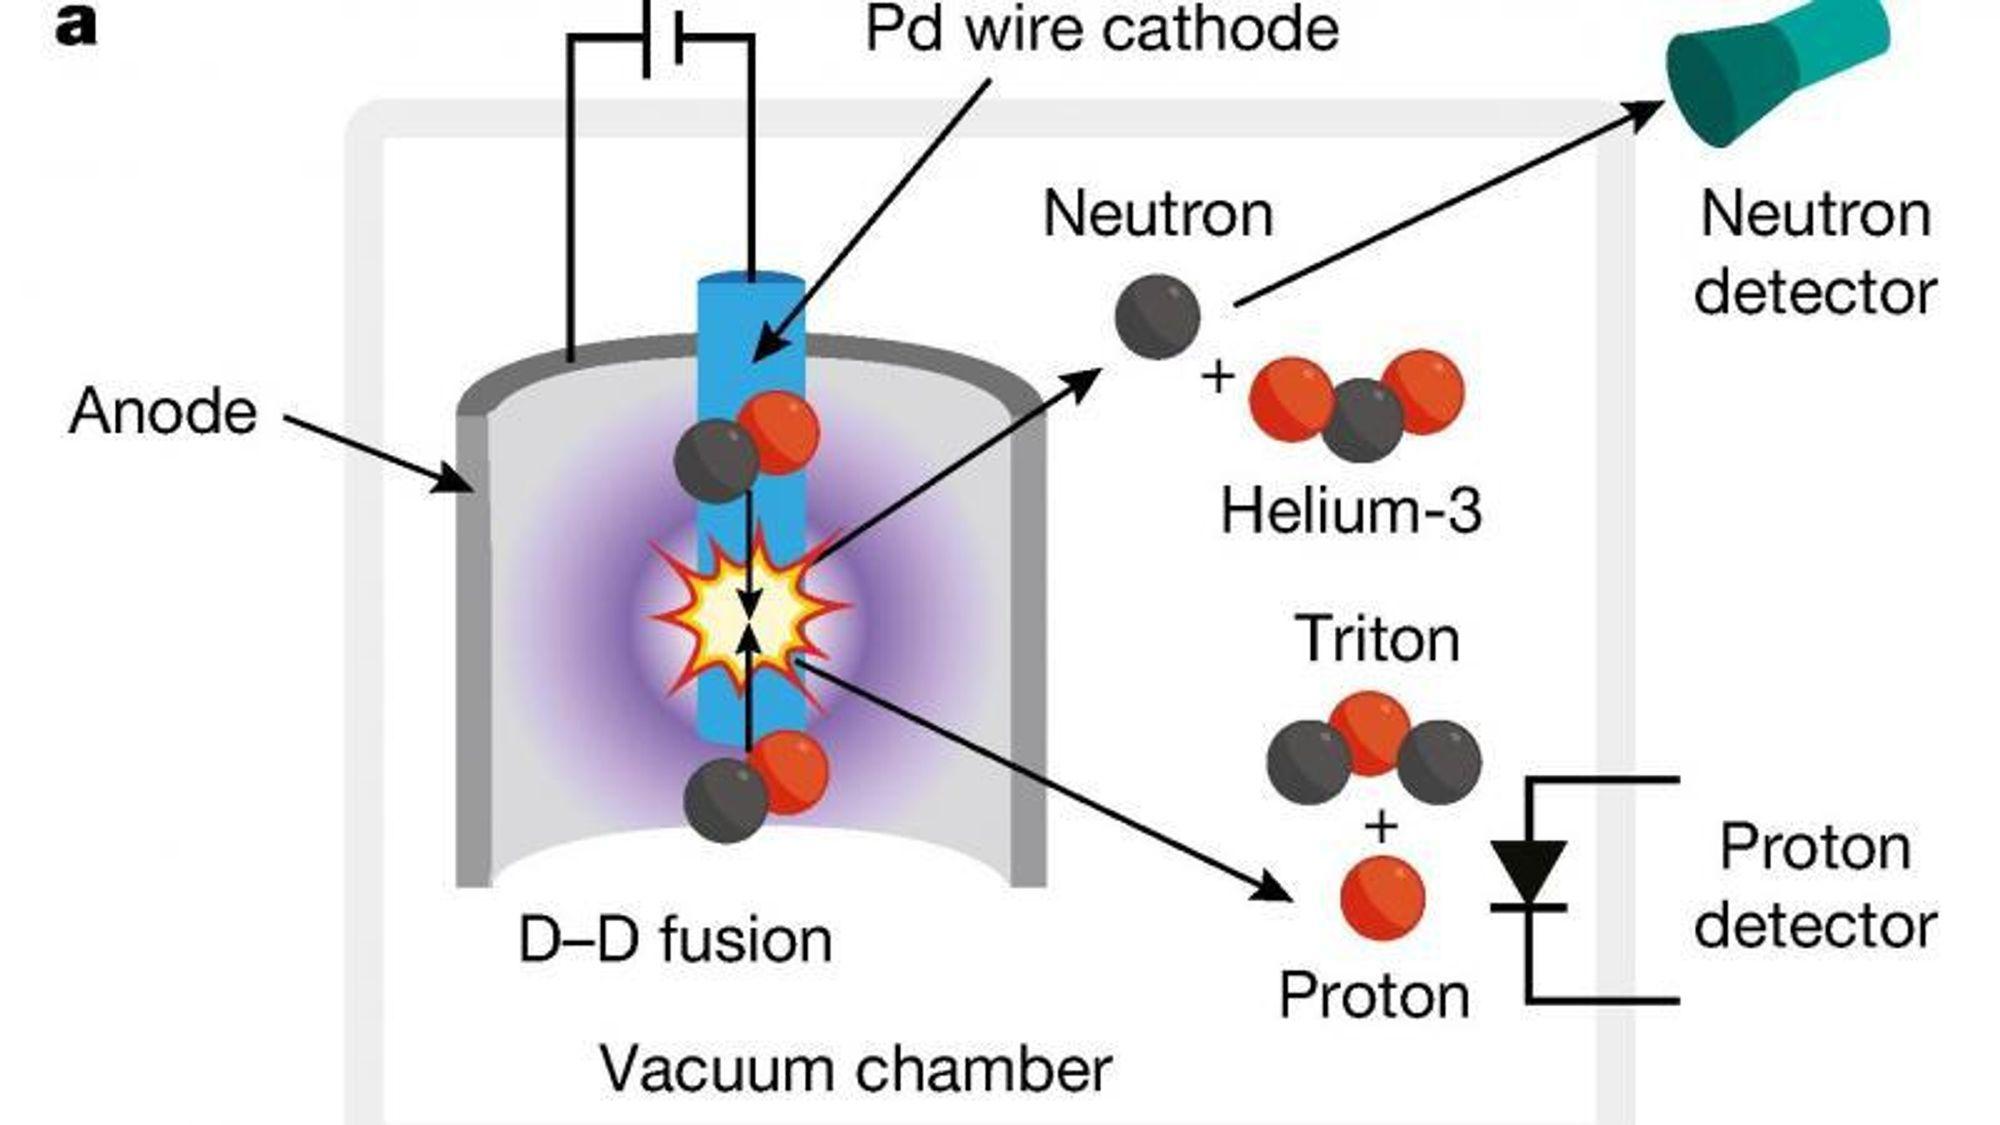 Fleischmann-Pons-eksperimentet er underlagt en ny etterprøving. Hvis fusjon av to deuteriumkjerner til enten helium-3 eller tritium (triton) finner sted, kan det detekteres med nøytron- og protondetektorer.